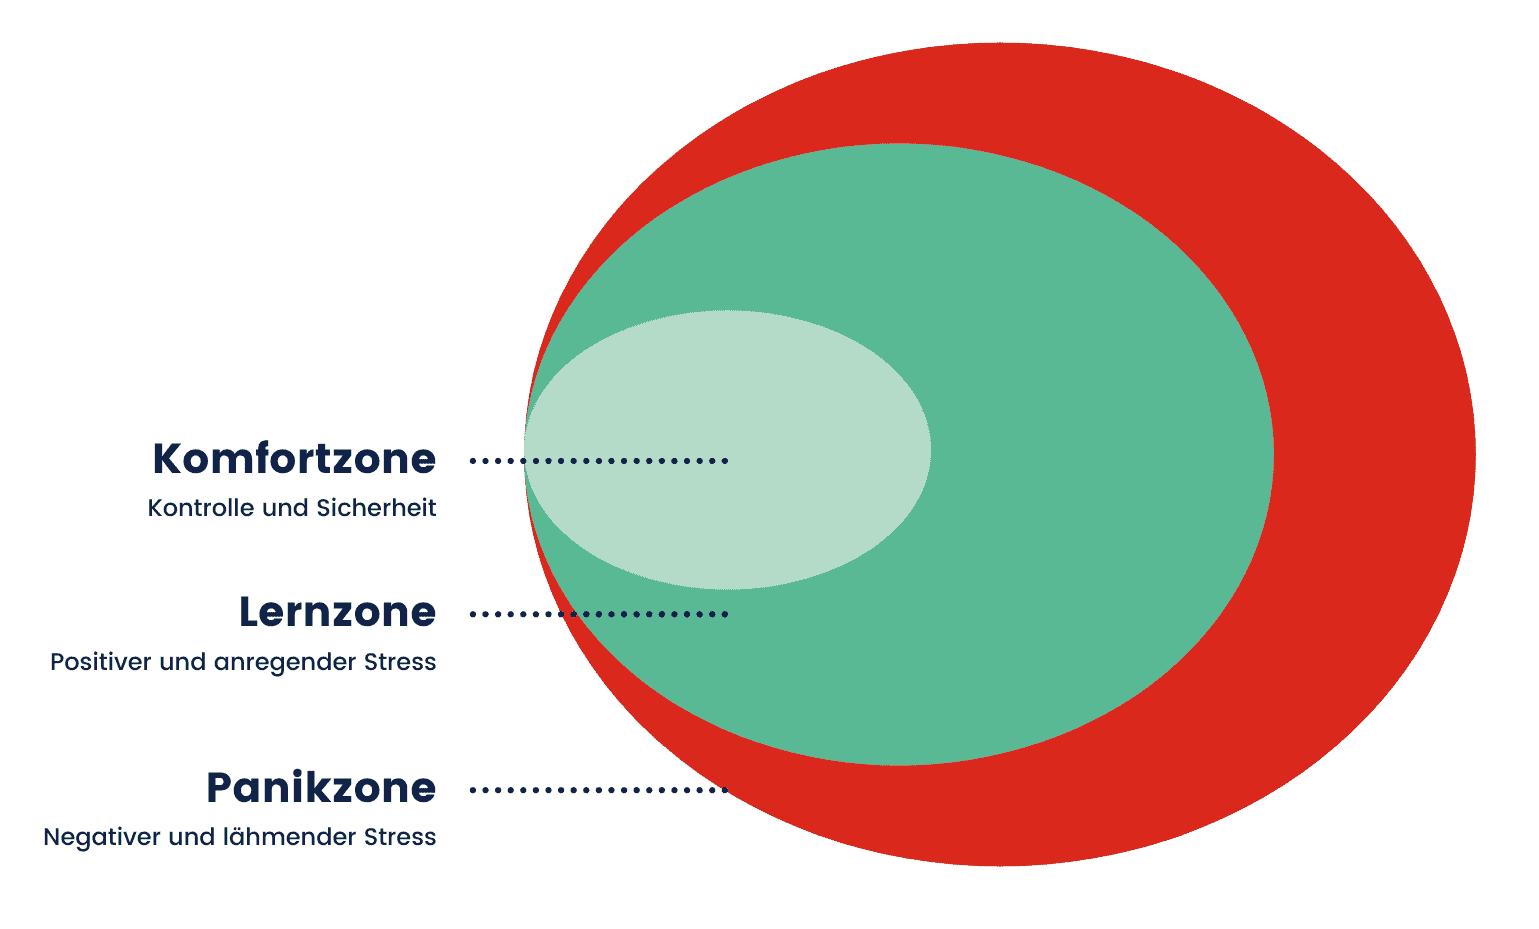 Hinter der Komfortzone liegt die Lernzone. Hier solltest du dich bewegen, denn hier wartet positiver und anregender Stress auf dich. Hinter der Lernzone wartet wiederum die Panikzone. Die solltest du unbedingt vermeiden.